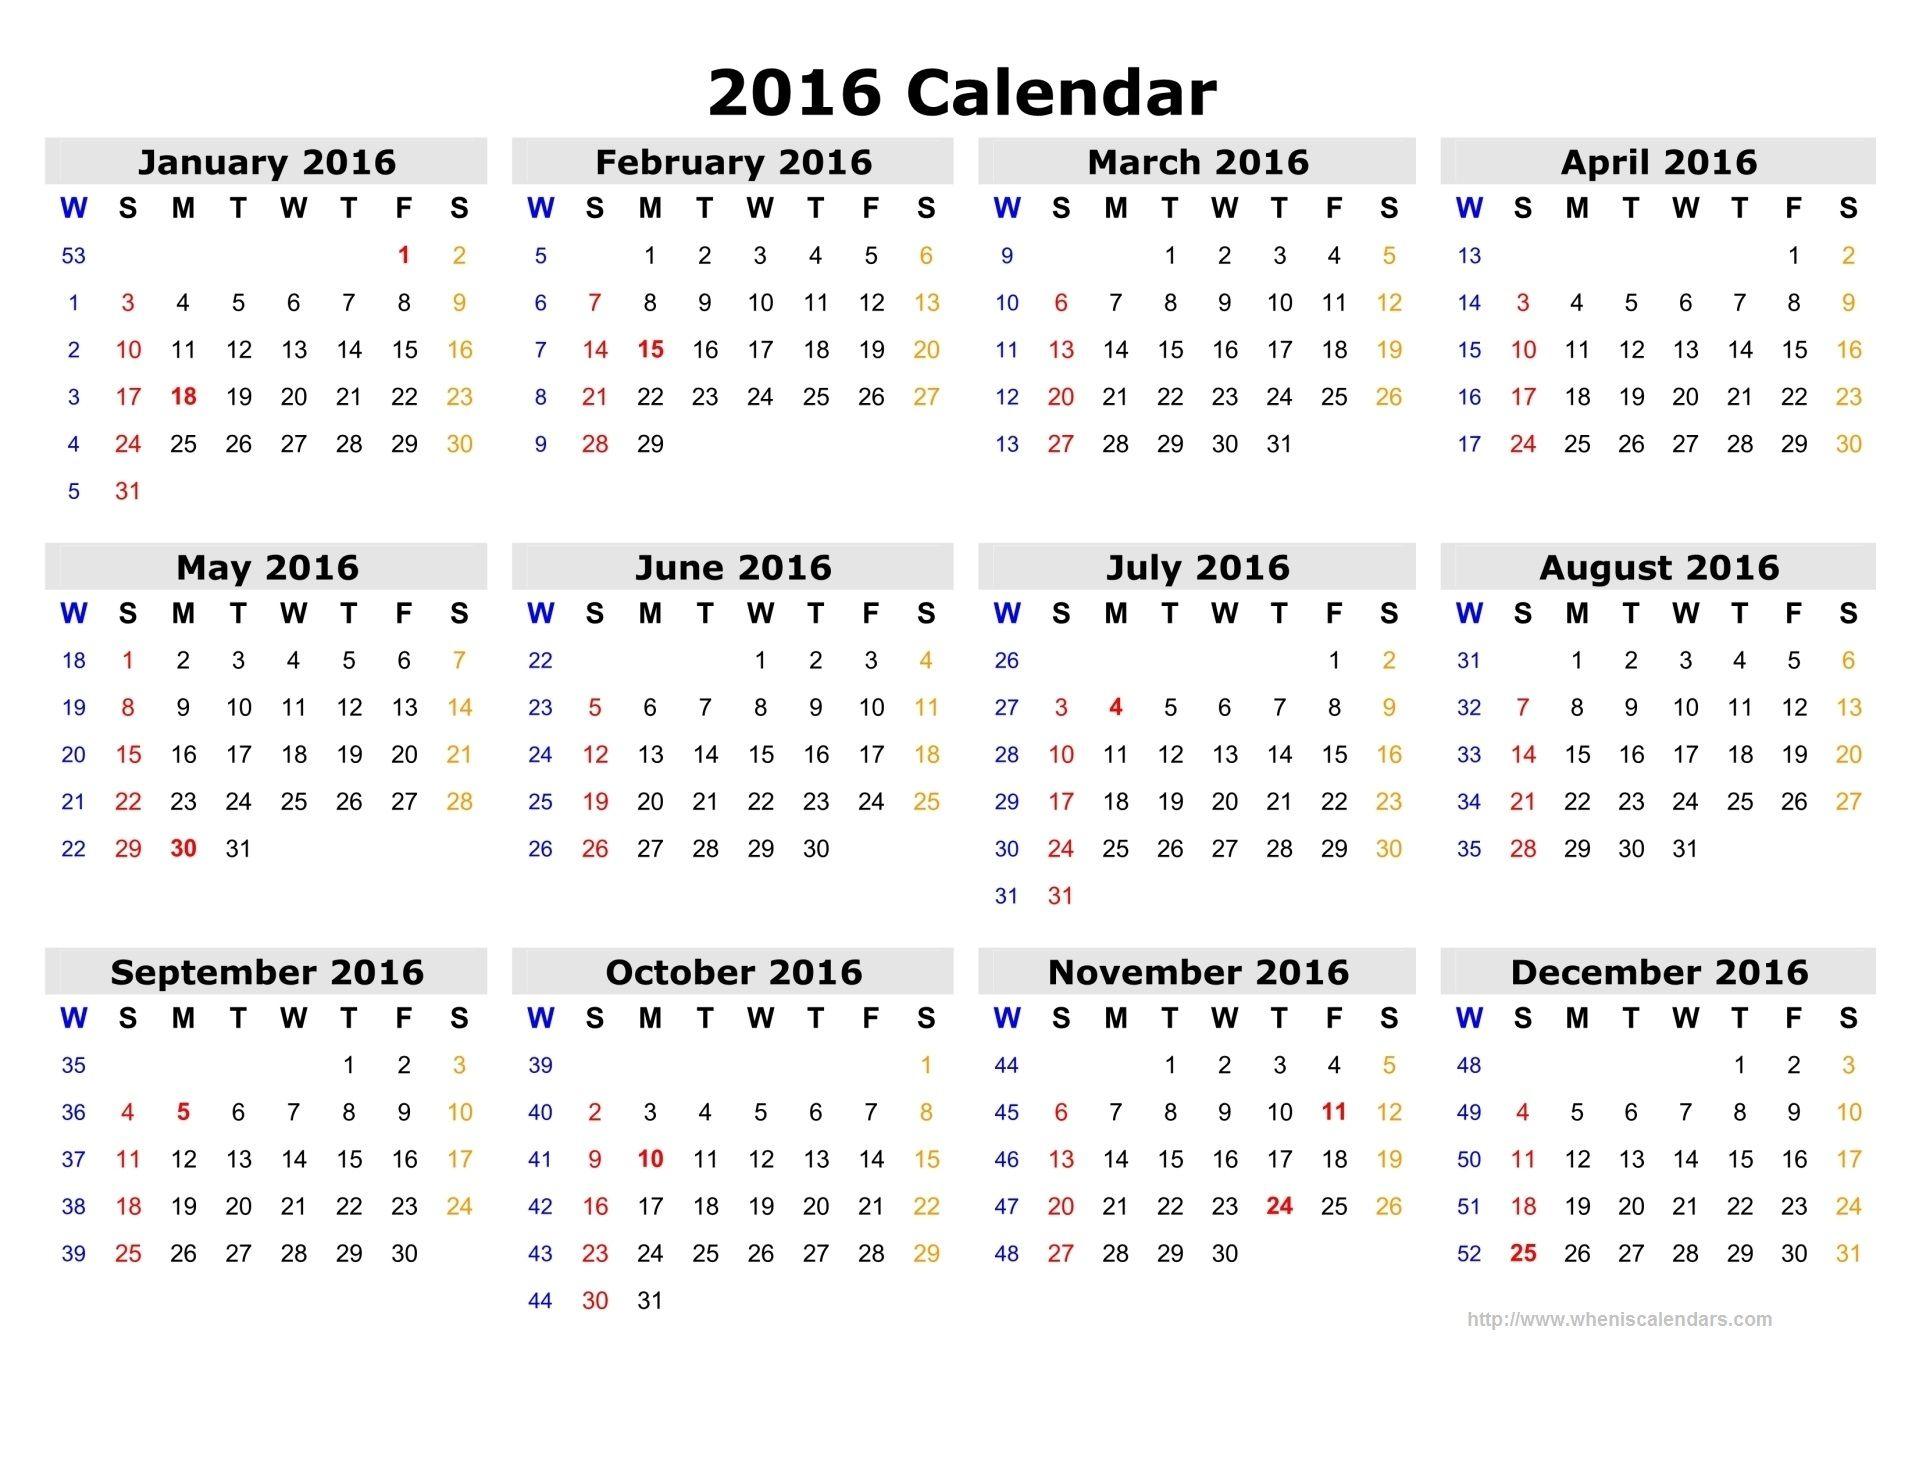 2016 Calendar With Week Numbers Printable - Google Search